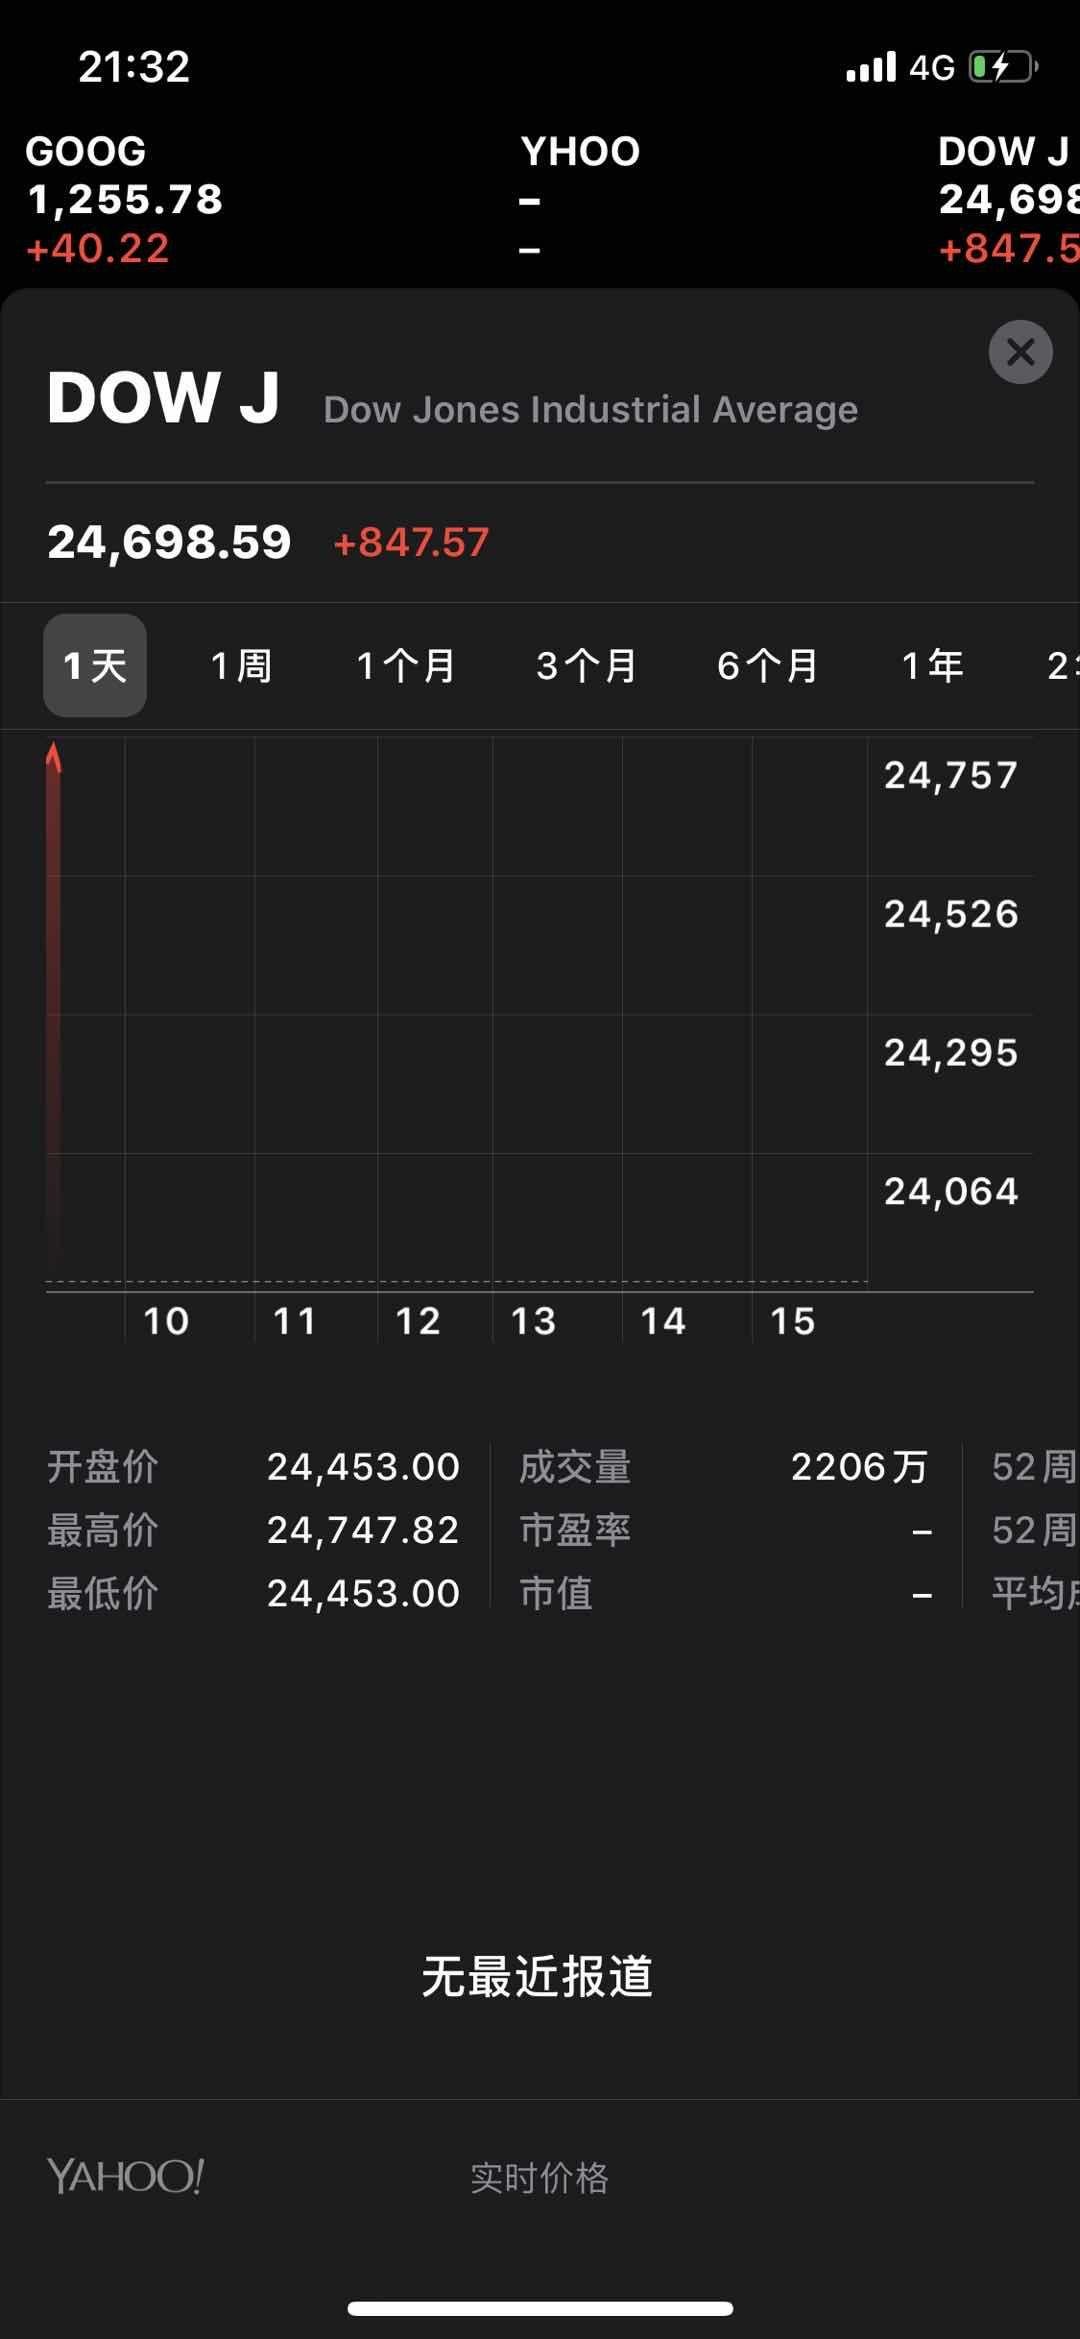 美股大幅高开,道指涨2.52%图片